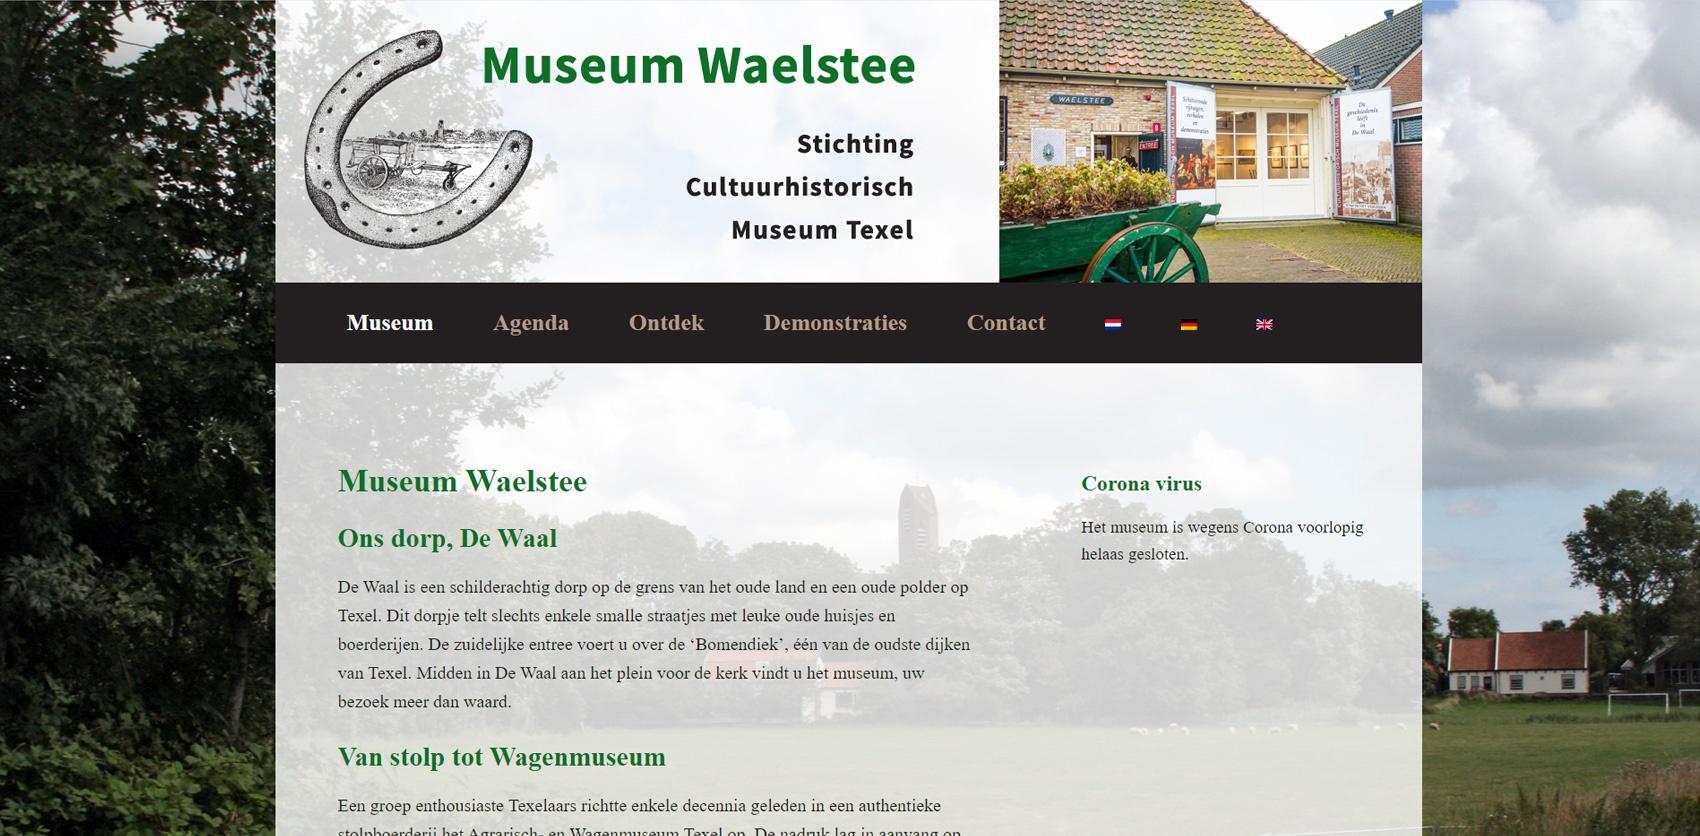 Cultuurhistorisch Museum Texel